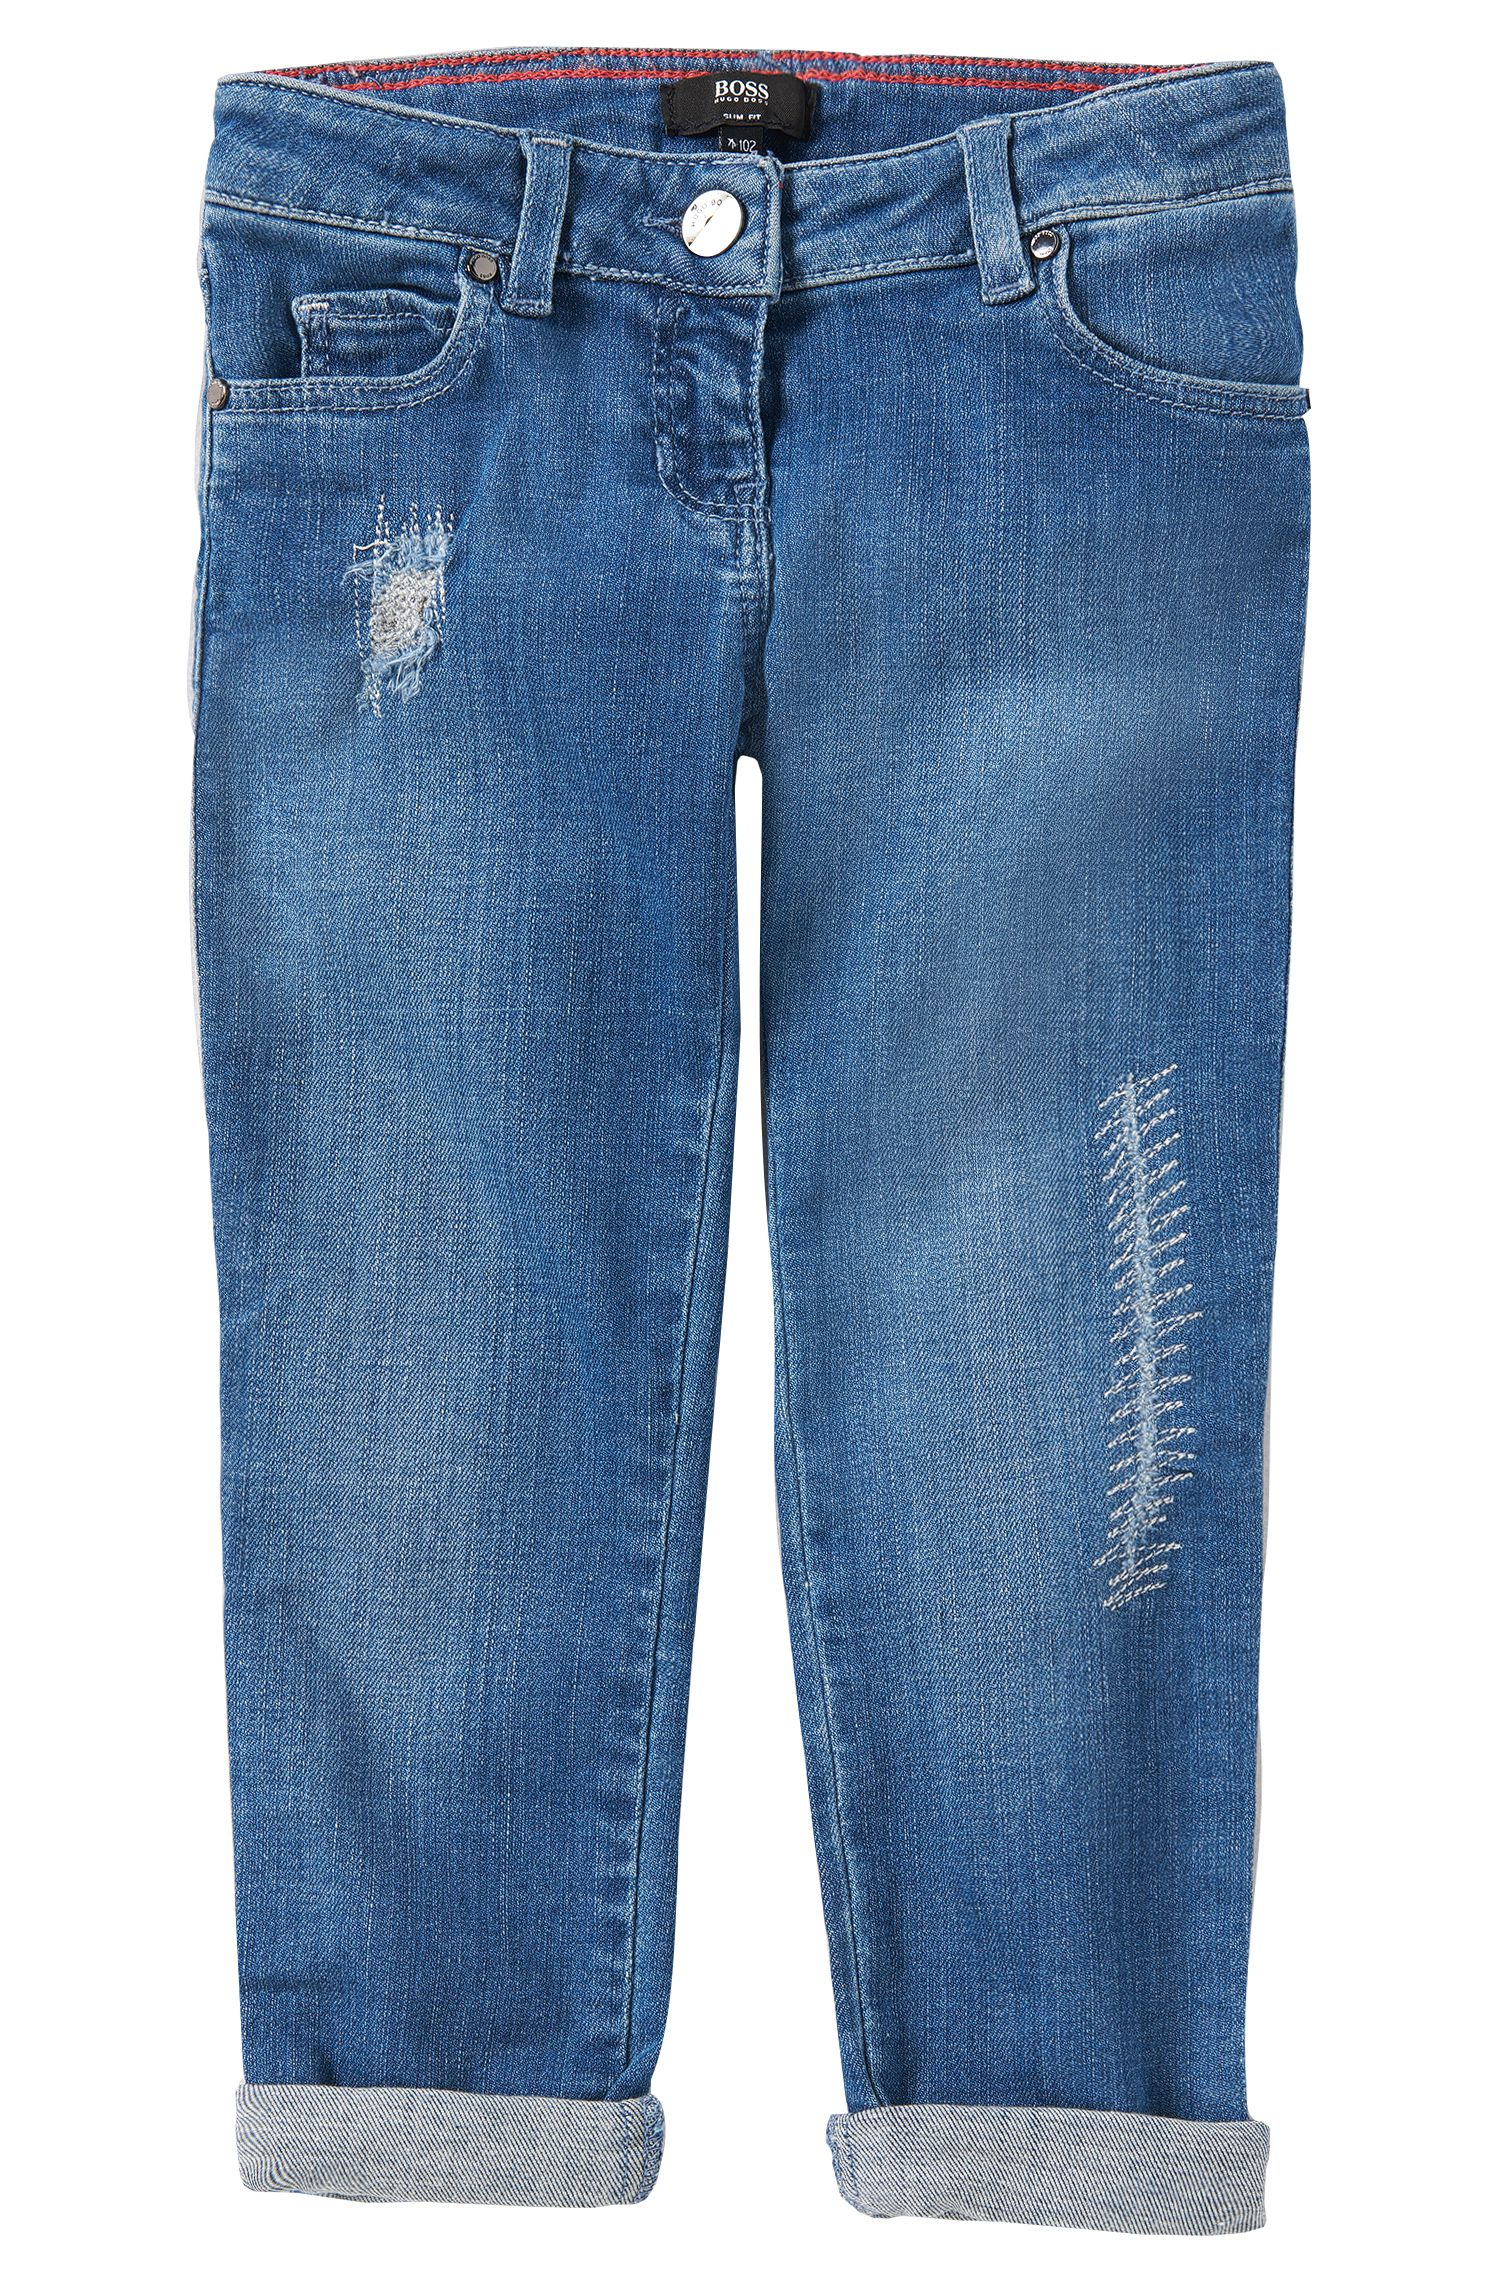 Slim-Fit Jeans aus Baumwoll-Mix: 'J14155'